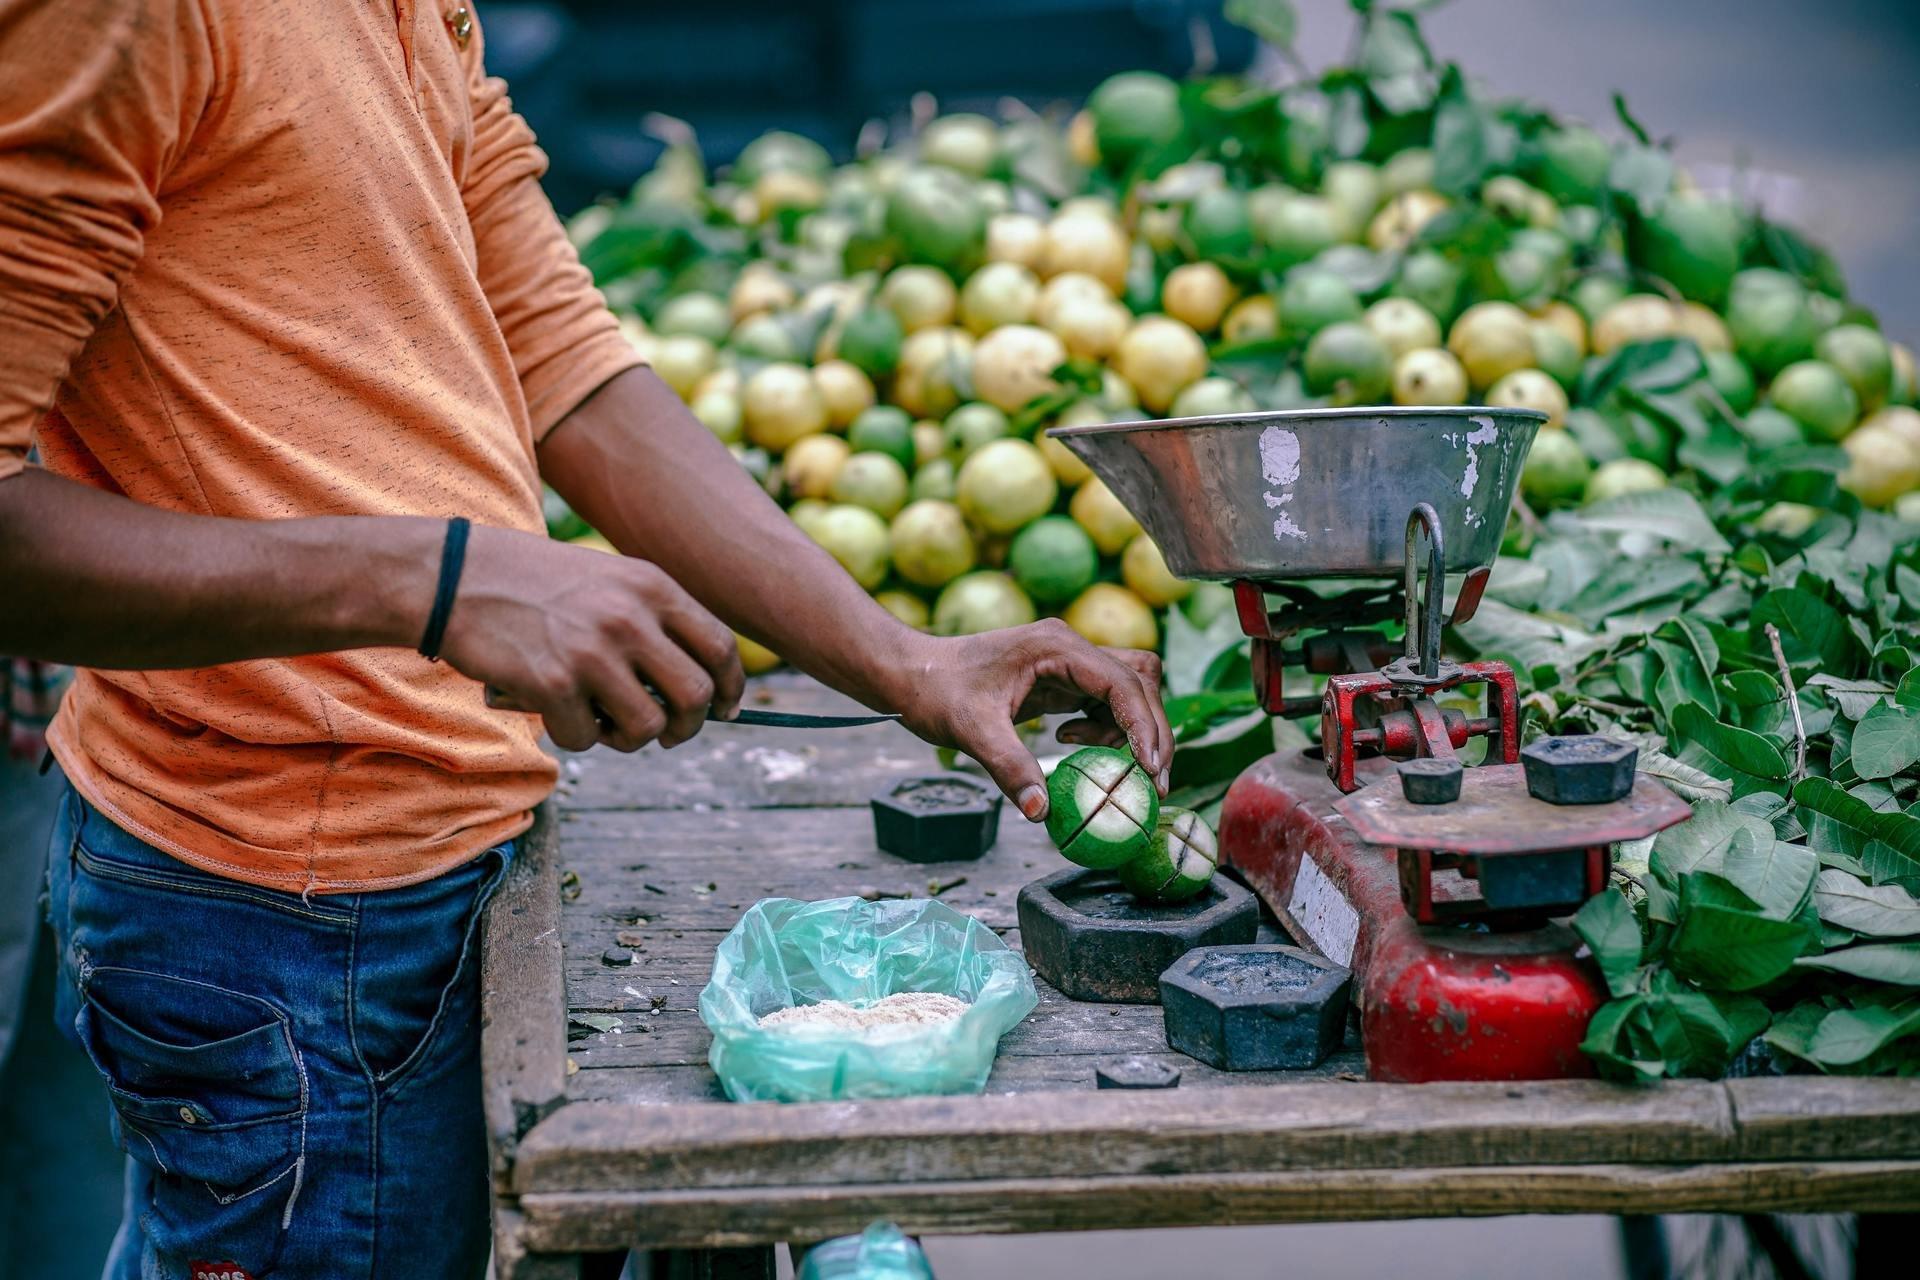 Bądź świadomy i odpowiedzialny, bądź fair trade